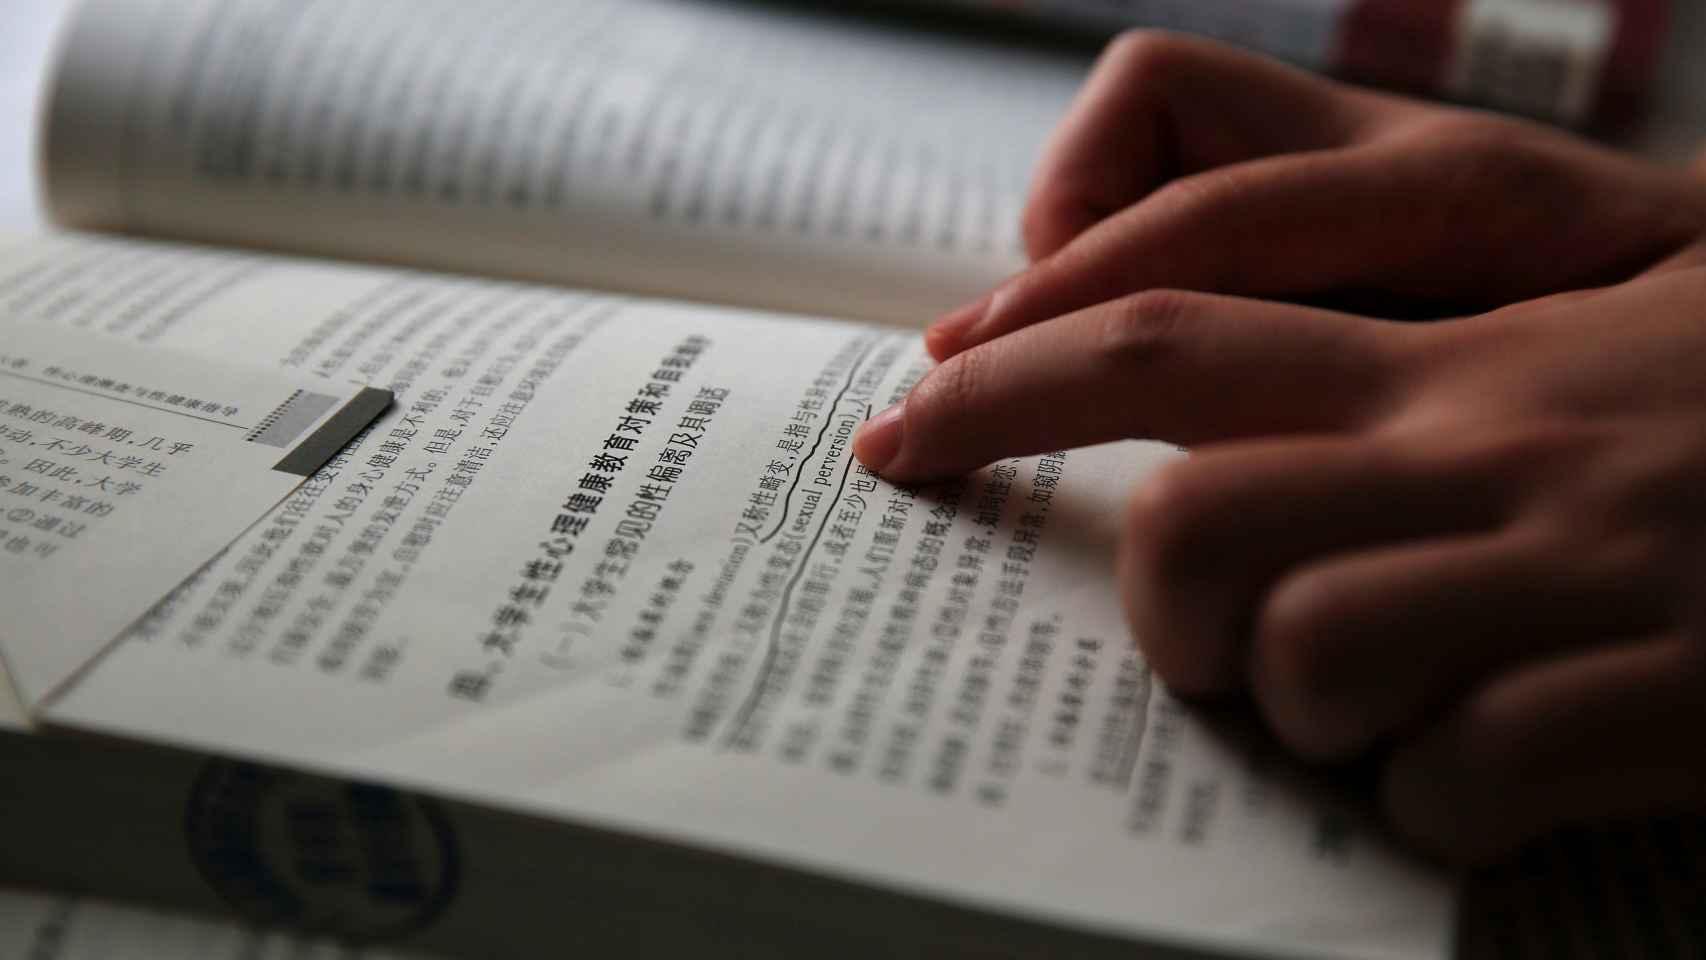 La homosexualidad descrita en los libros de enseñanza chinos.